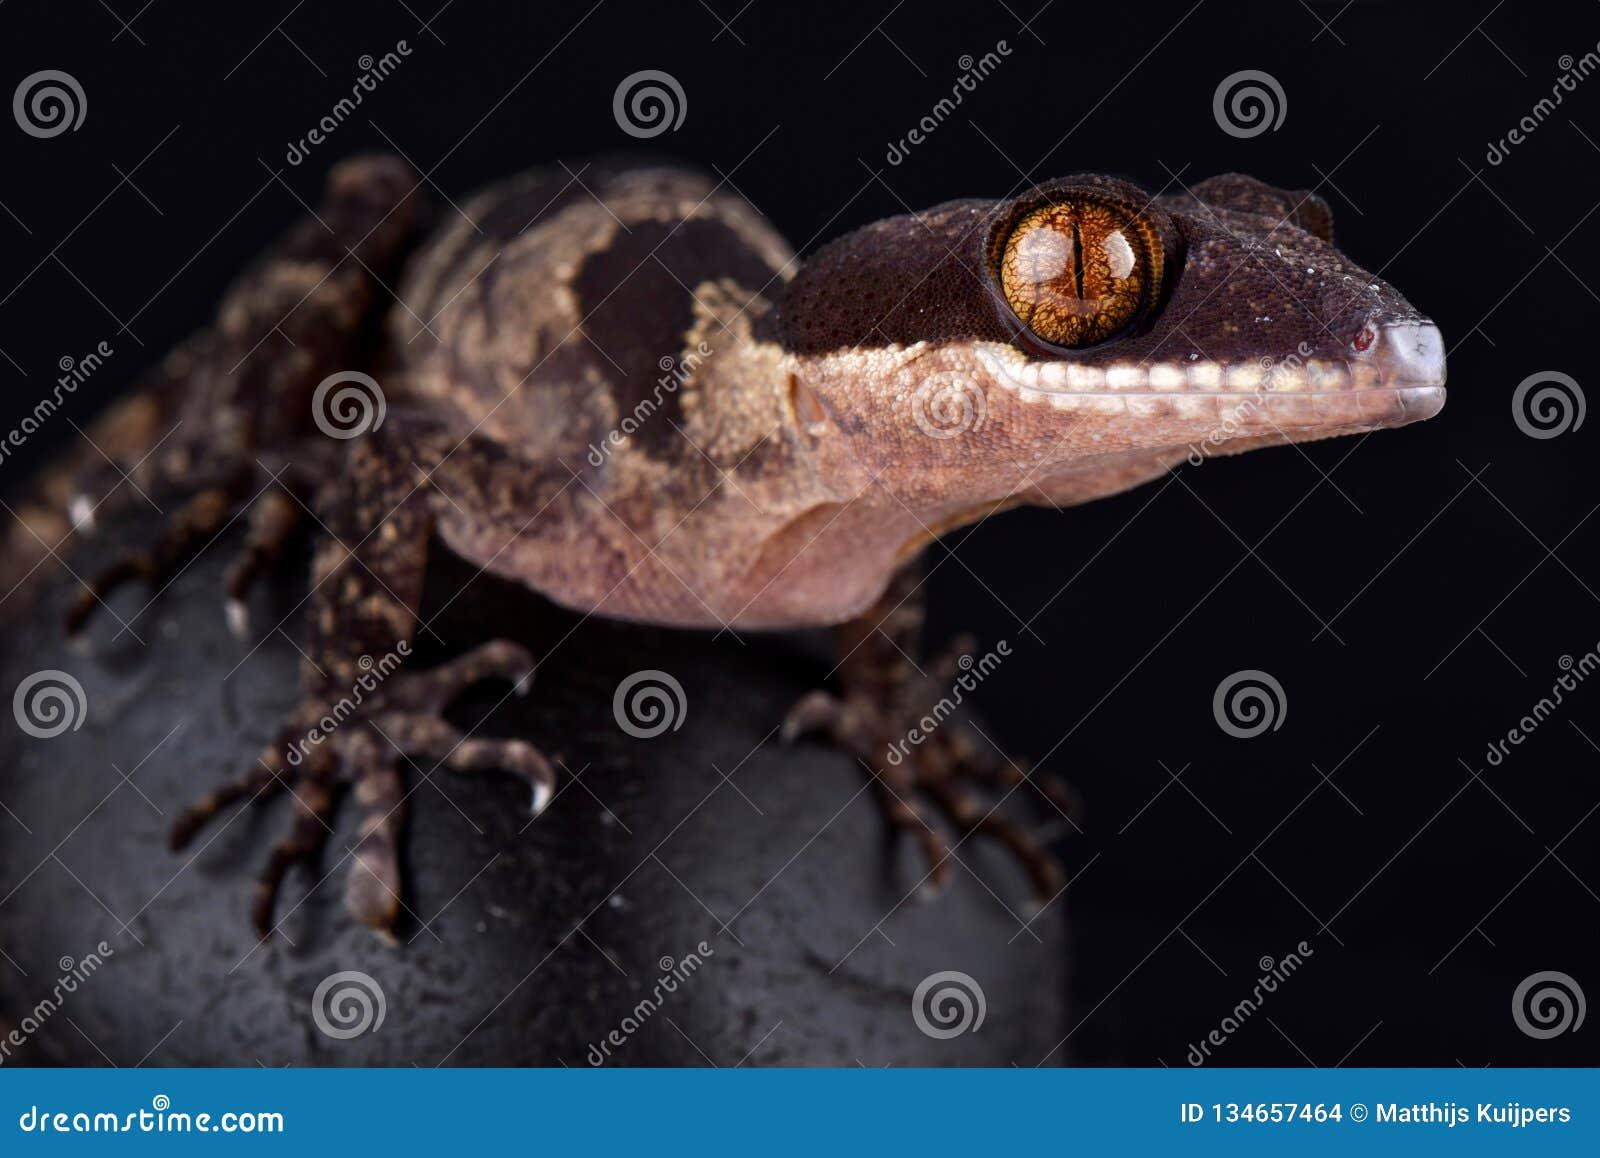 Riesiges mit einem Band versehener Gecko Papuas Cyrtodactylus-louisiadensis